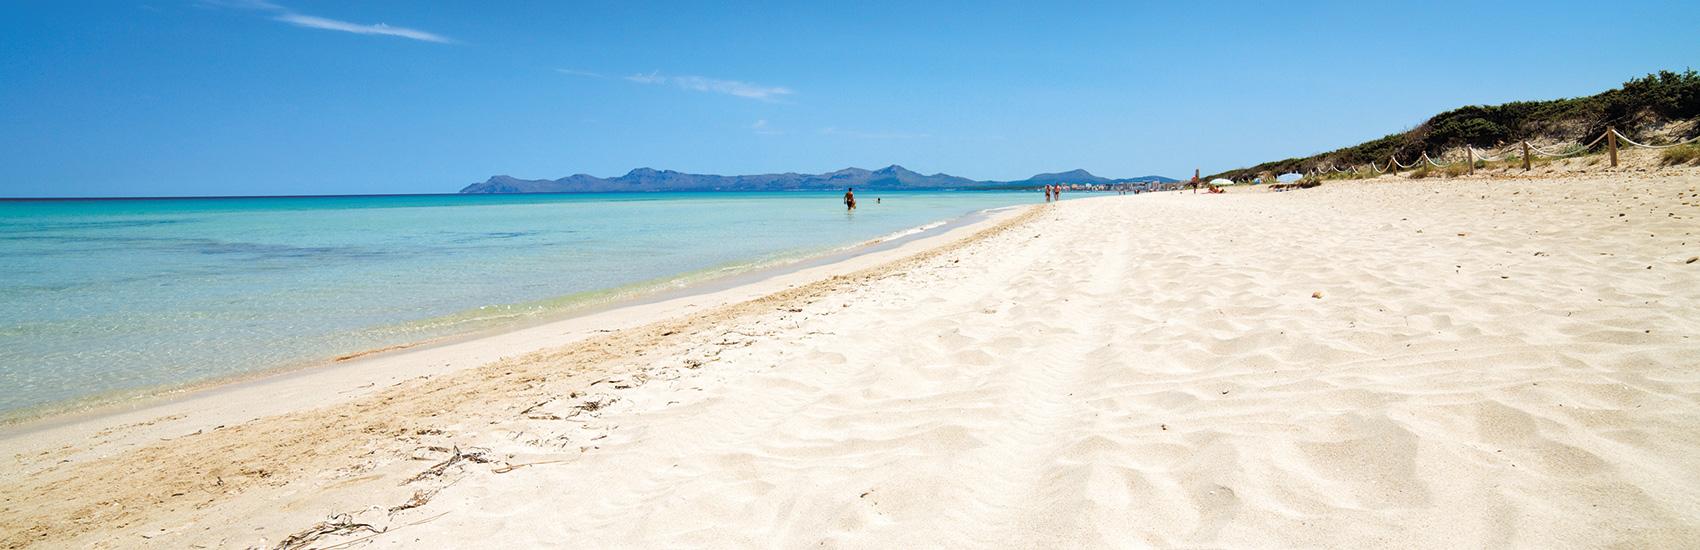 covid-free-beach